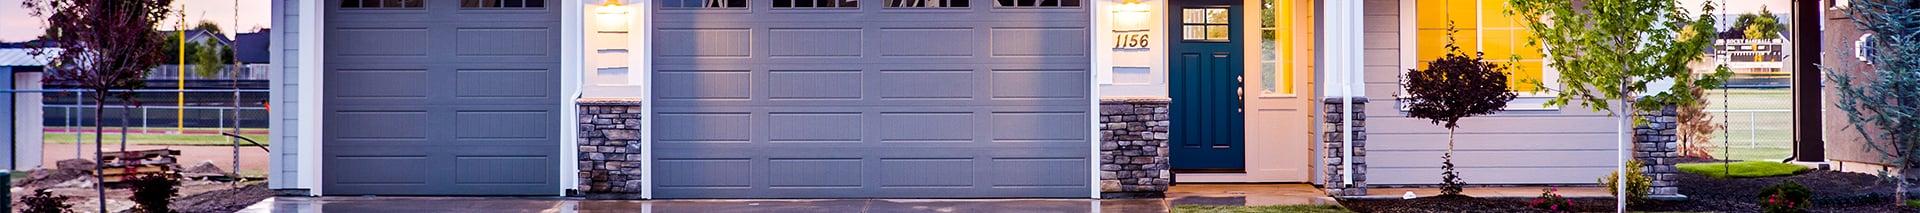 bramy garażowe do Twojego domu